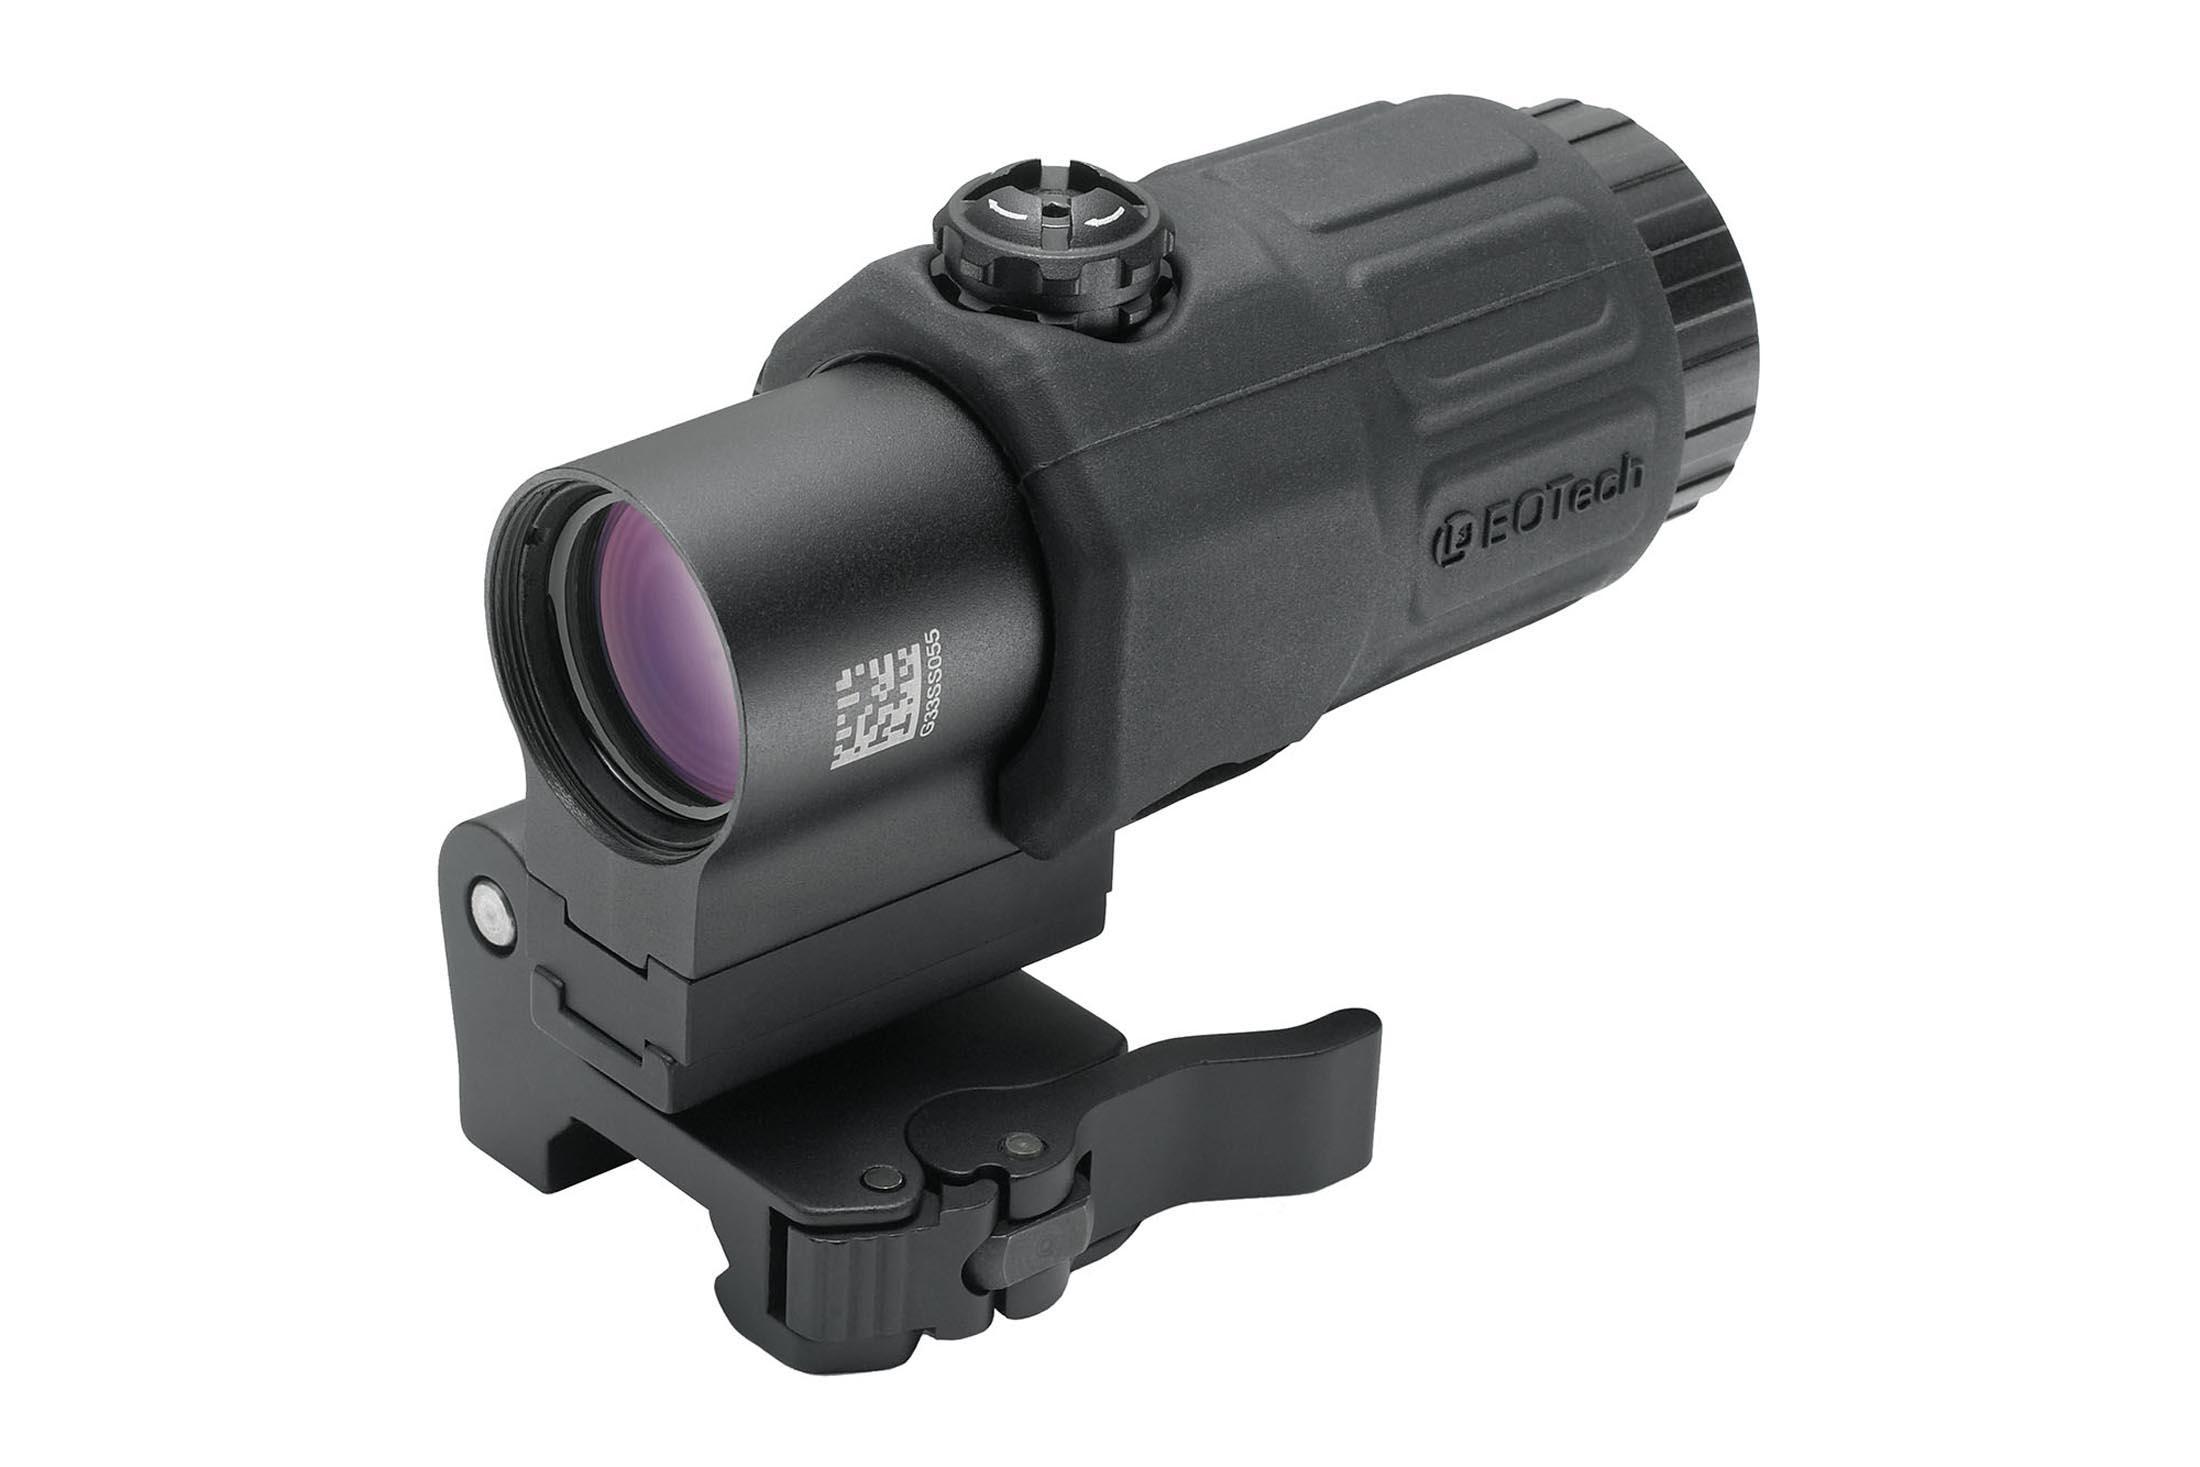 eotech sight